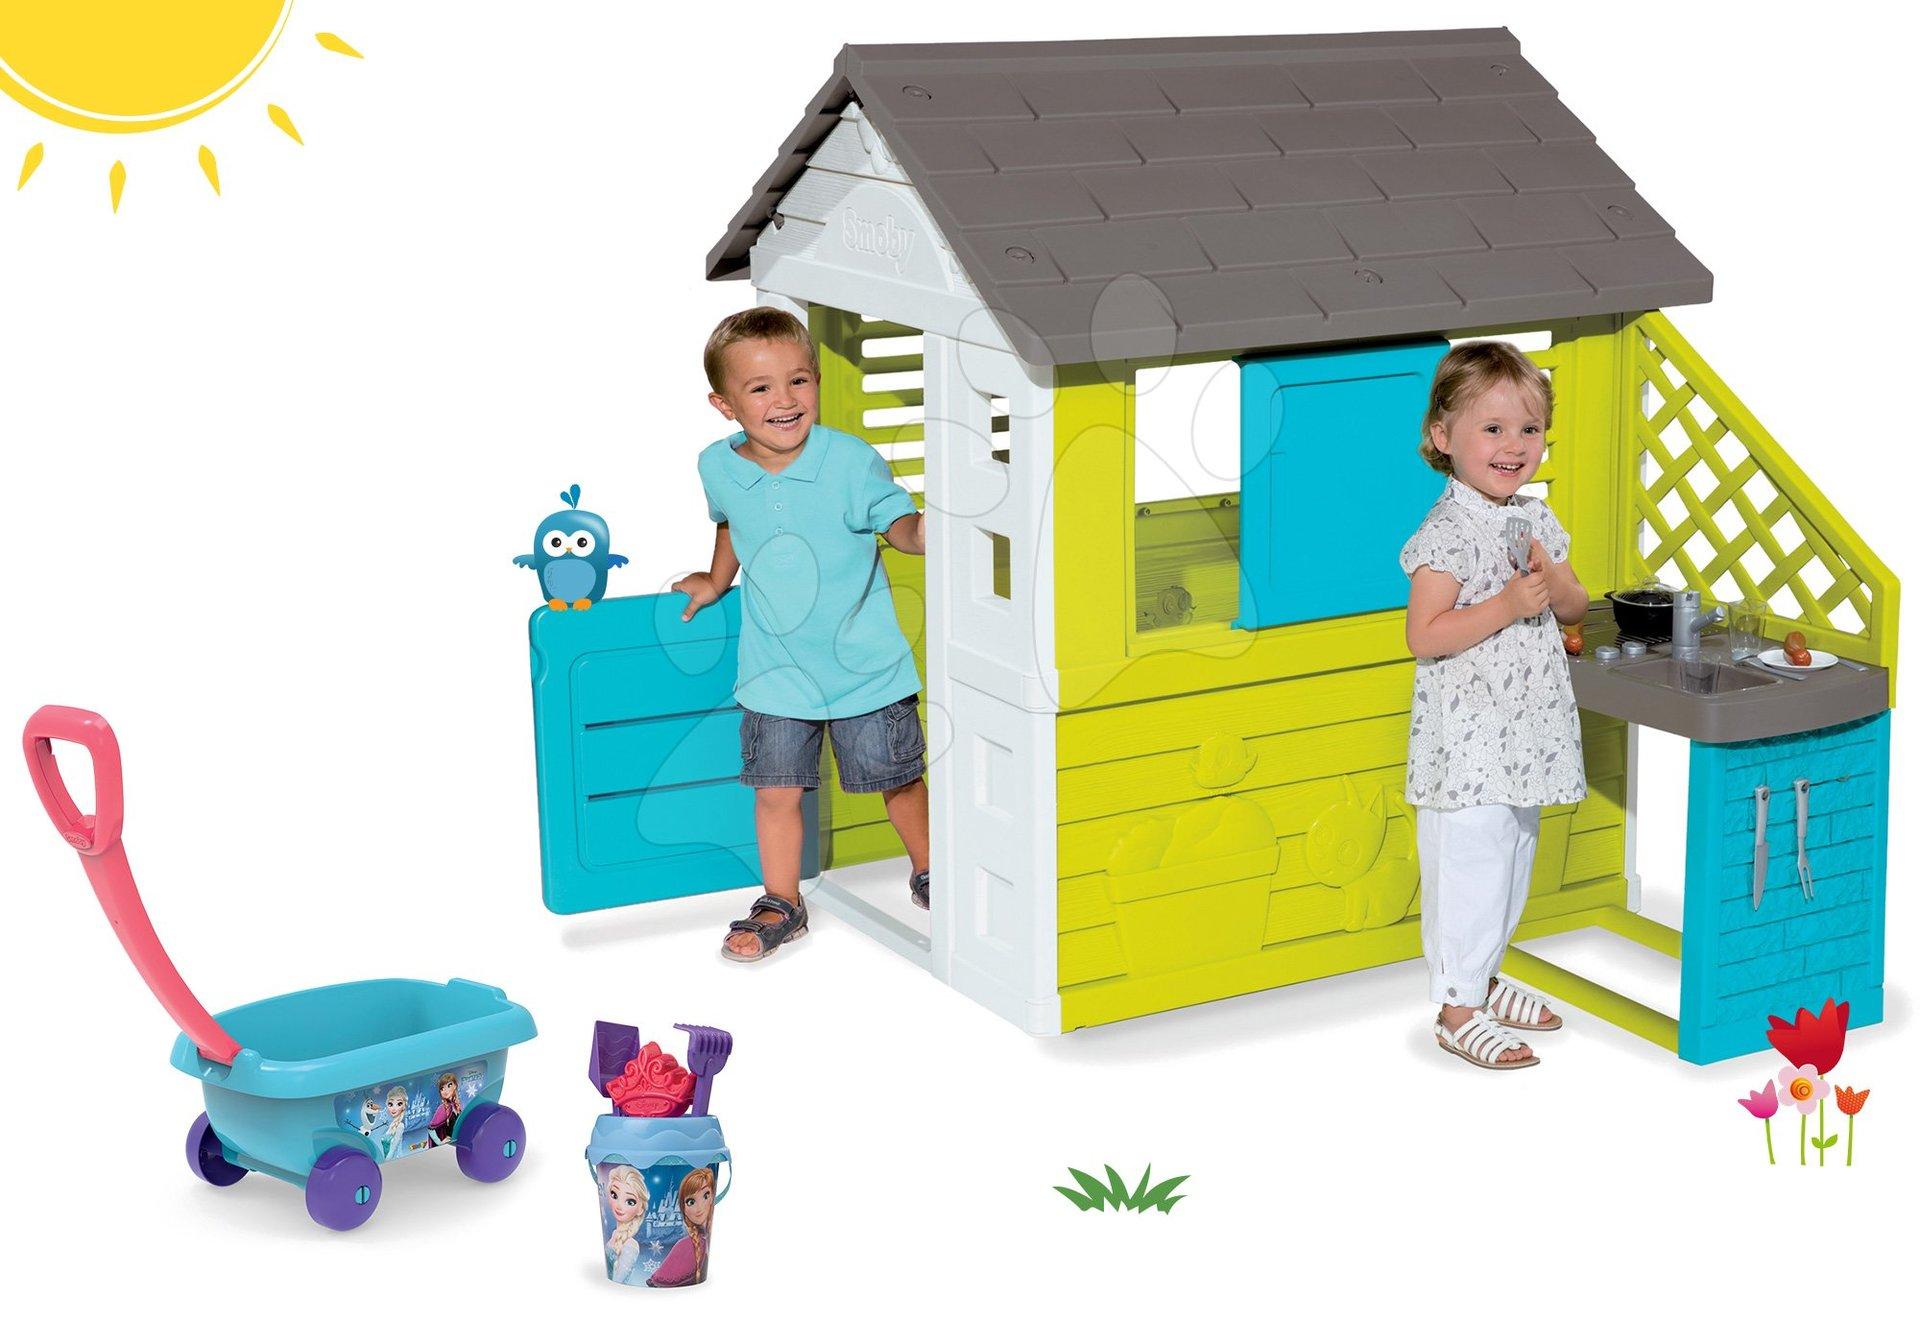 Smoby set detský domček Pretty Blue s letnou kuchynkou a vozíkom s vedro setom 810703-37